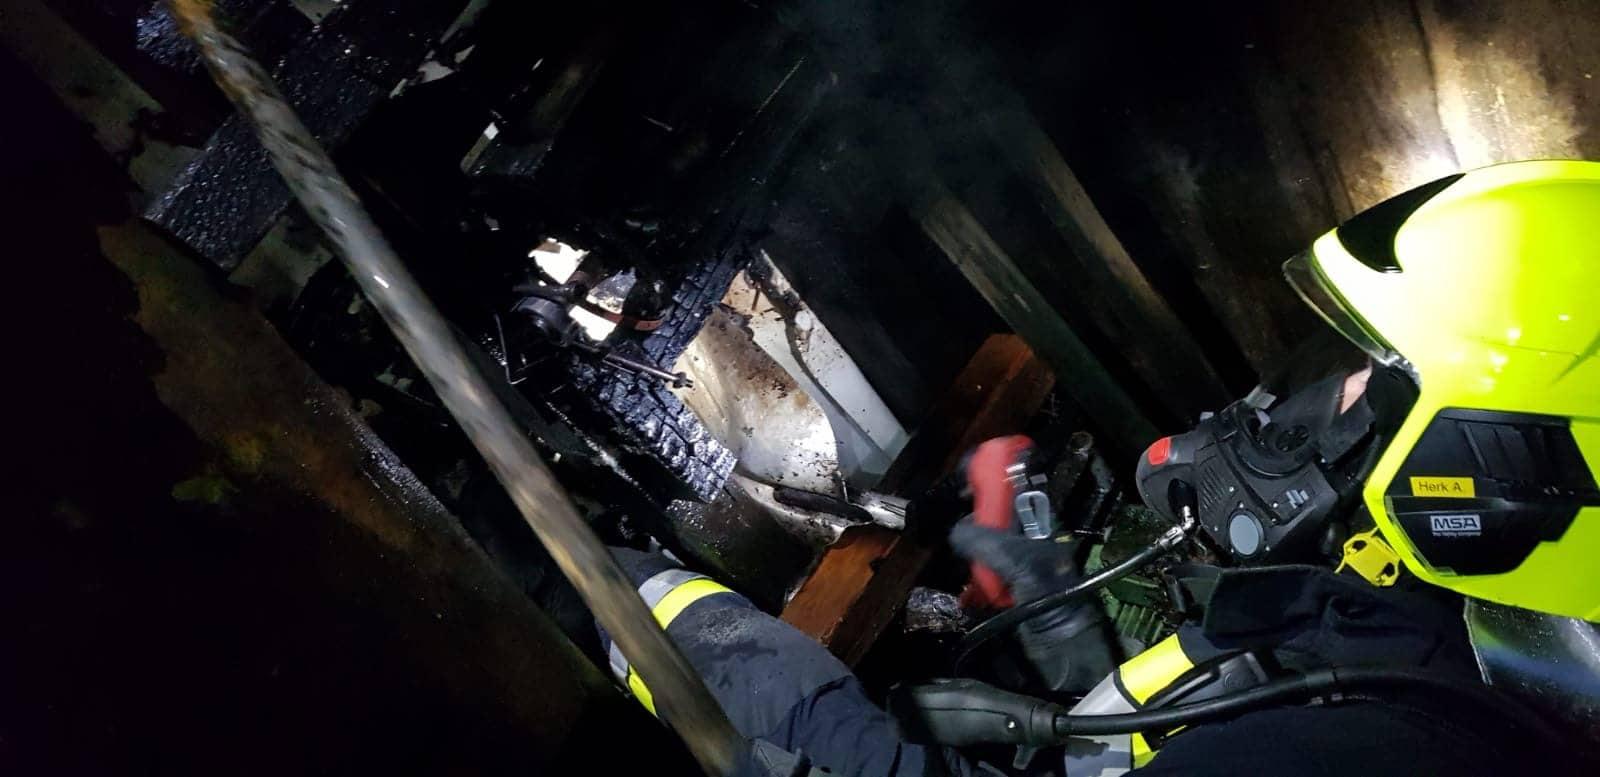 Feuerwehr verhindert Wirtschaftsgebäudebrand